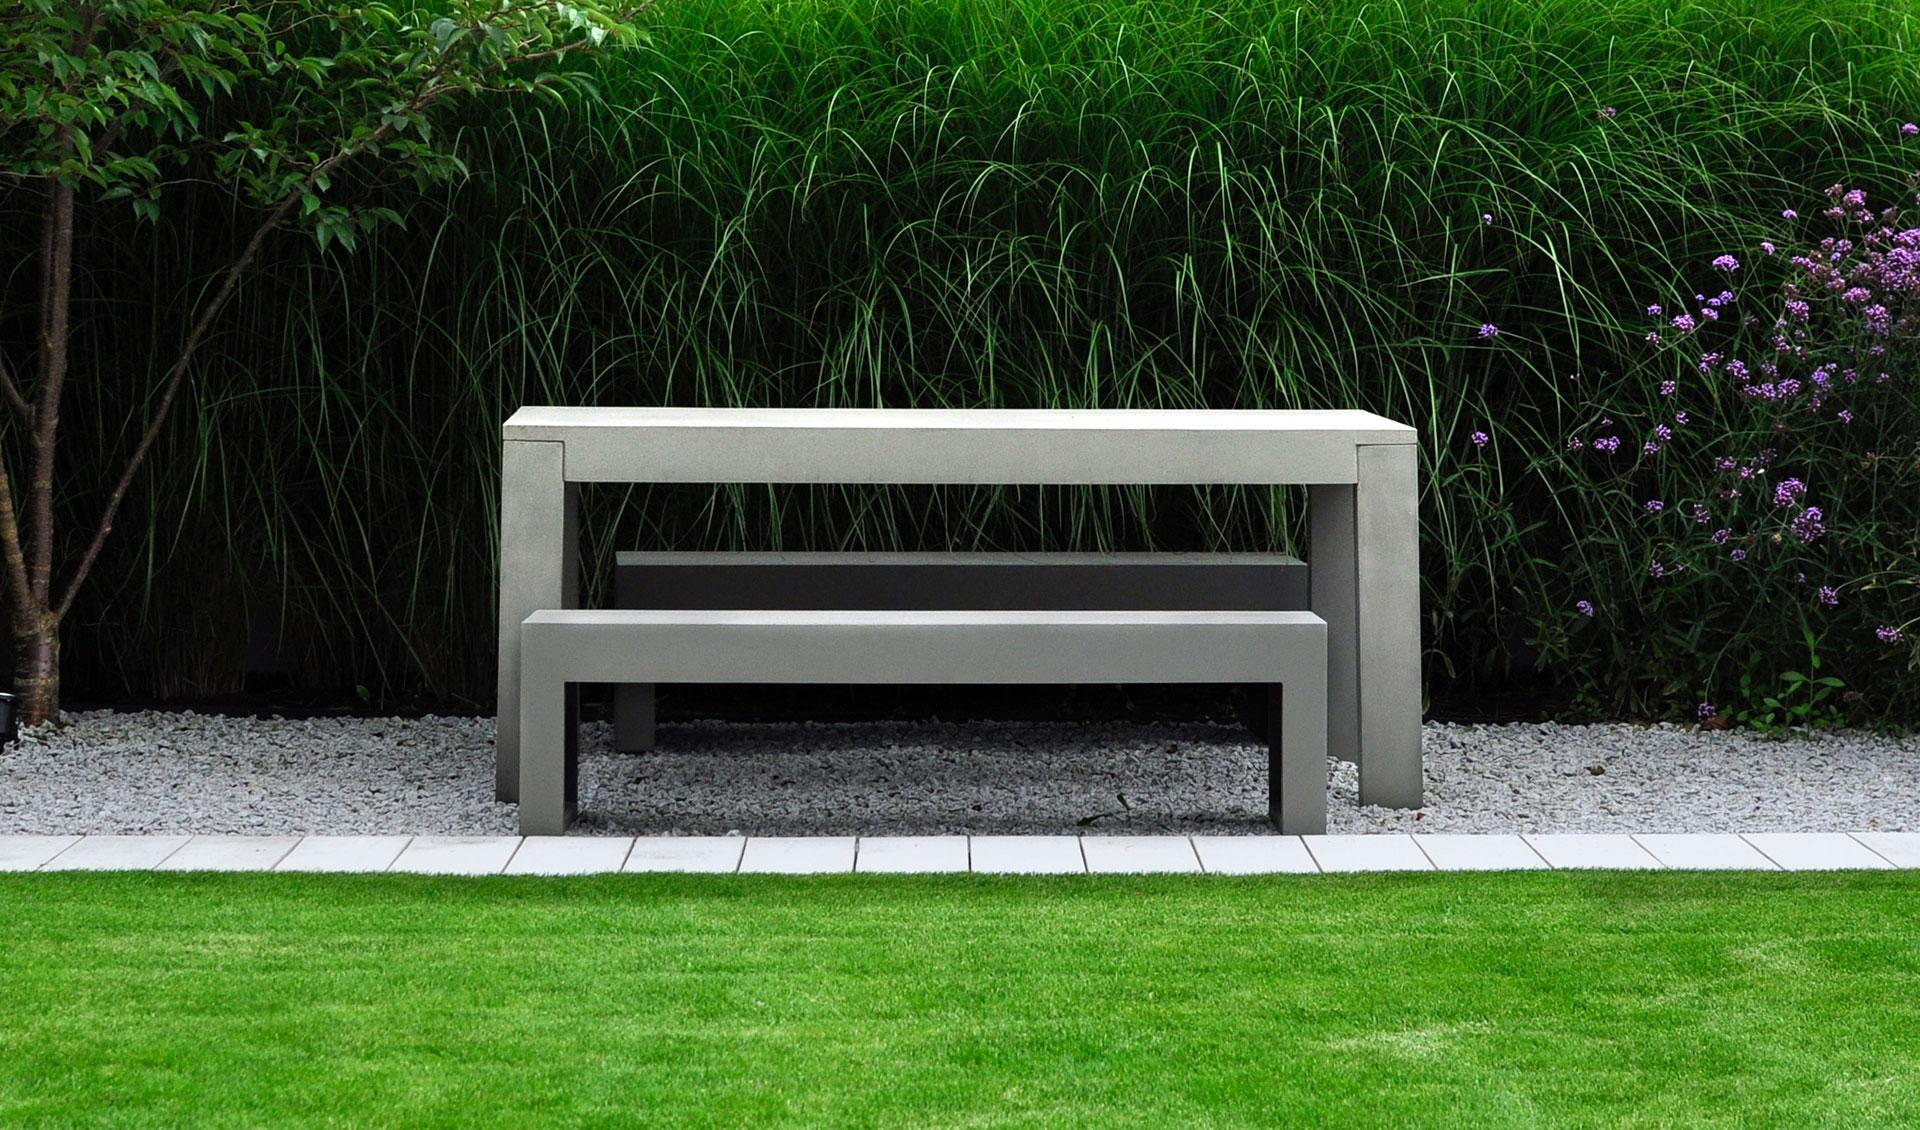 ogród nowoczesny szczecin projektowanie ogrodów Szczecin